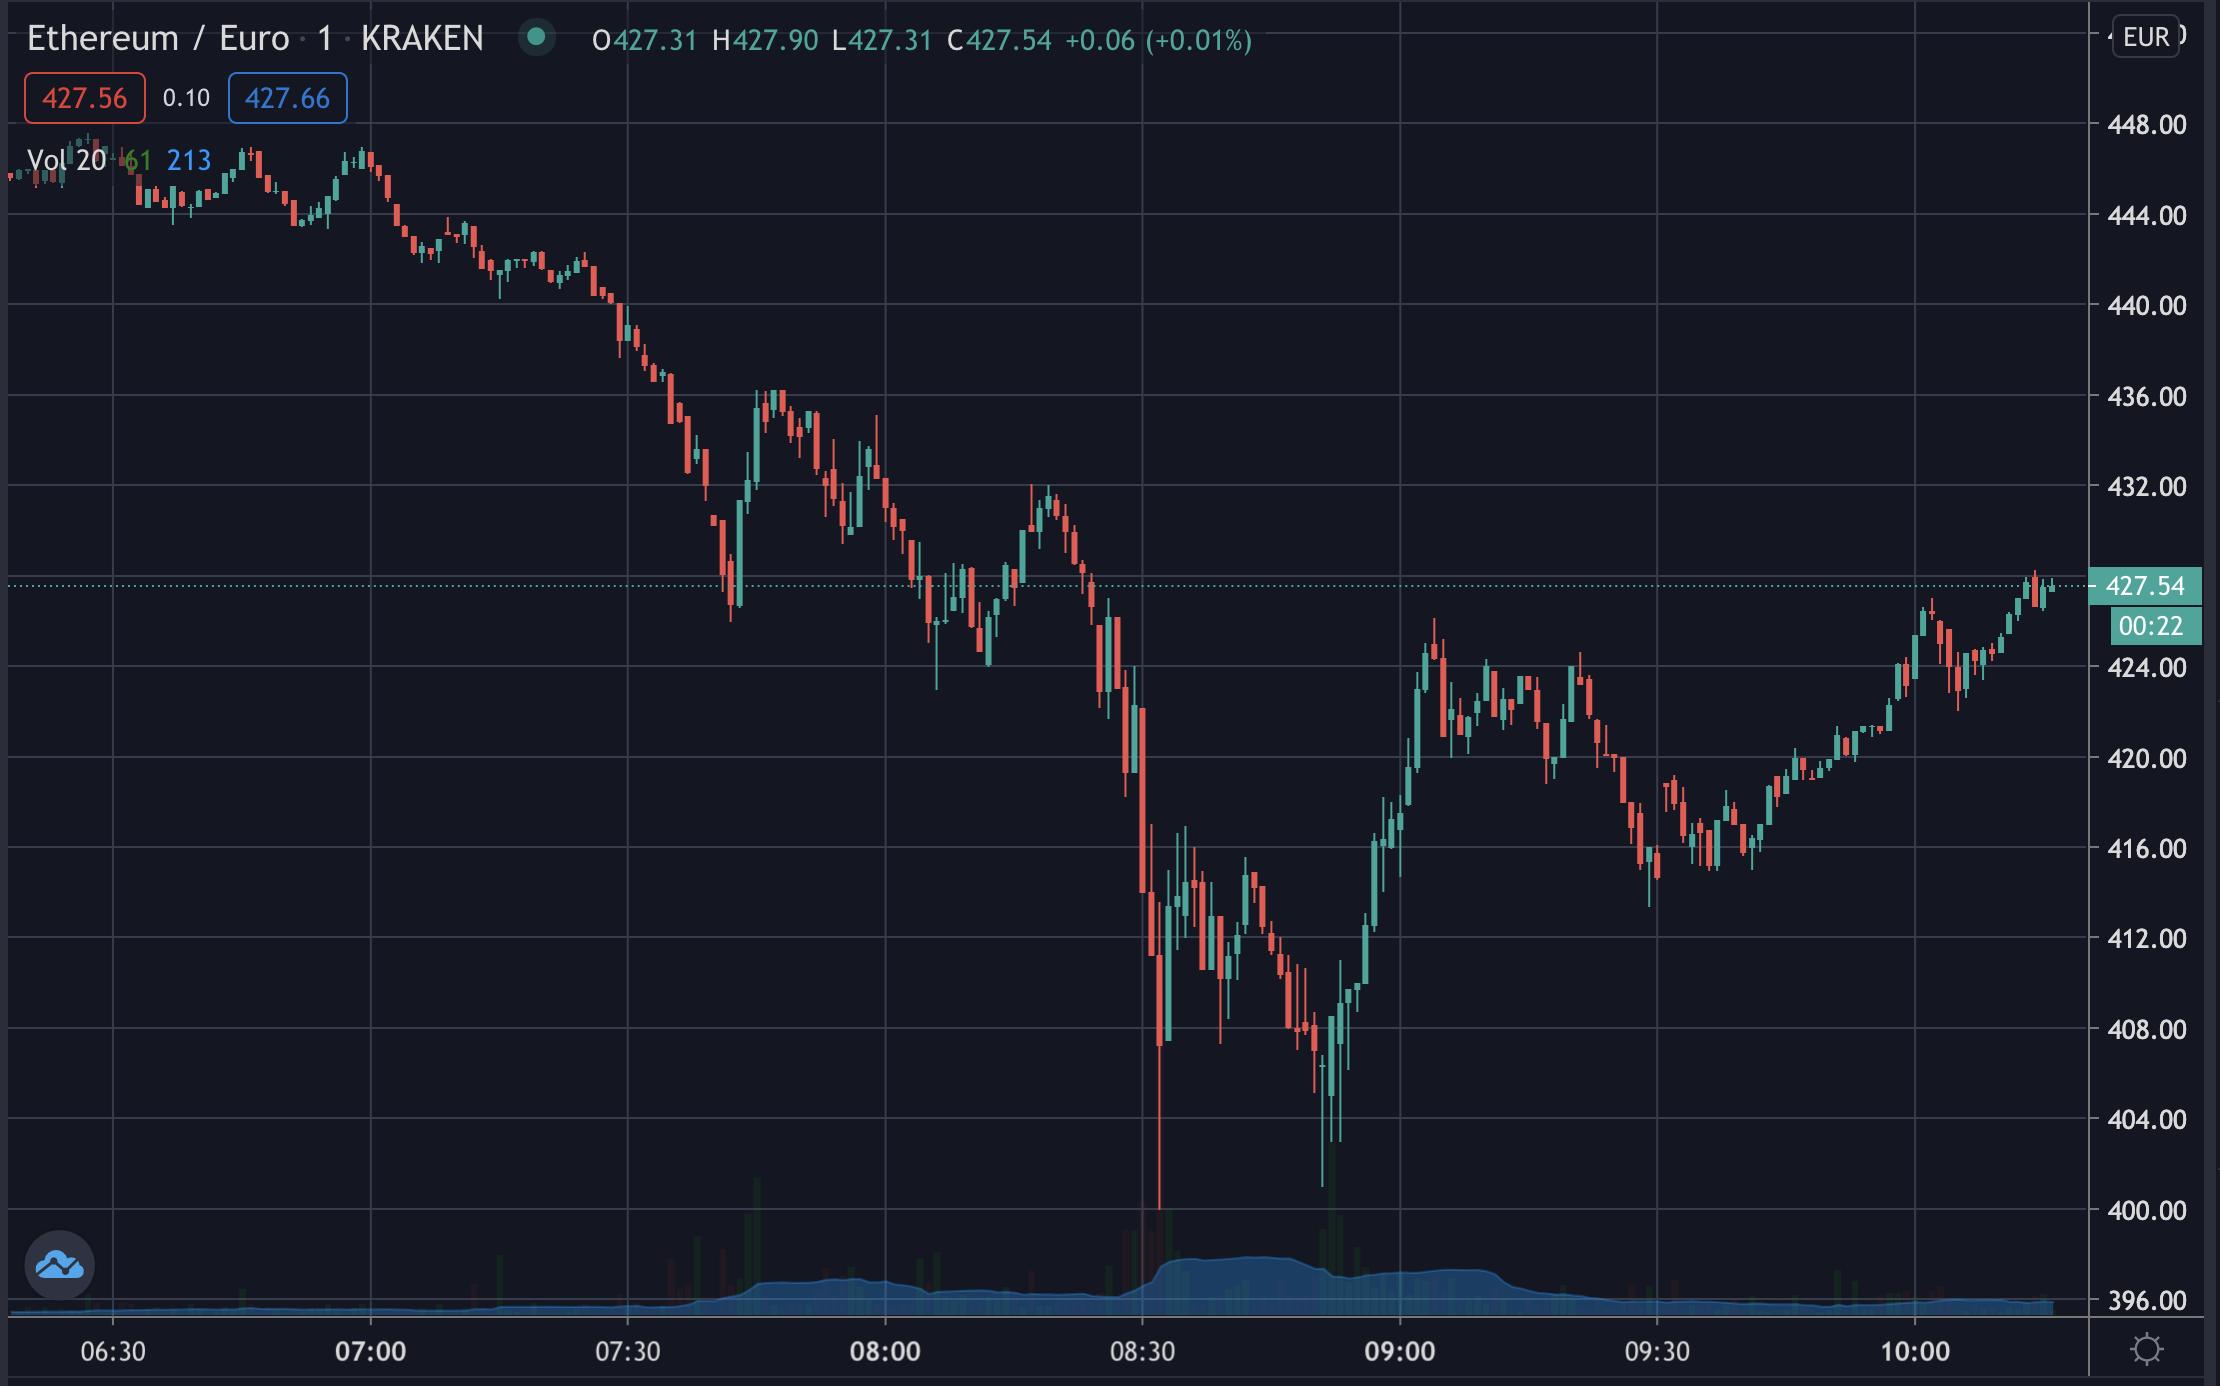 ETH/EUR on Kraken, Nov 2020